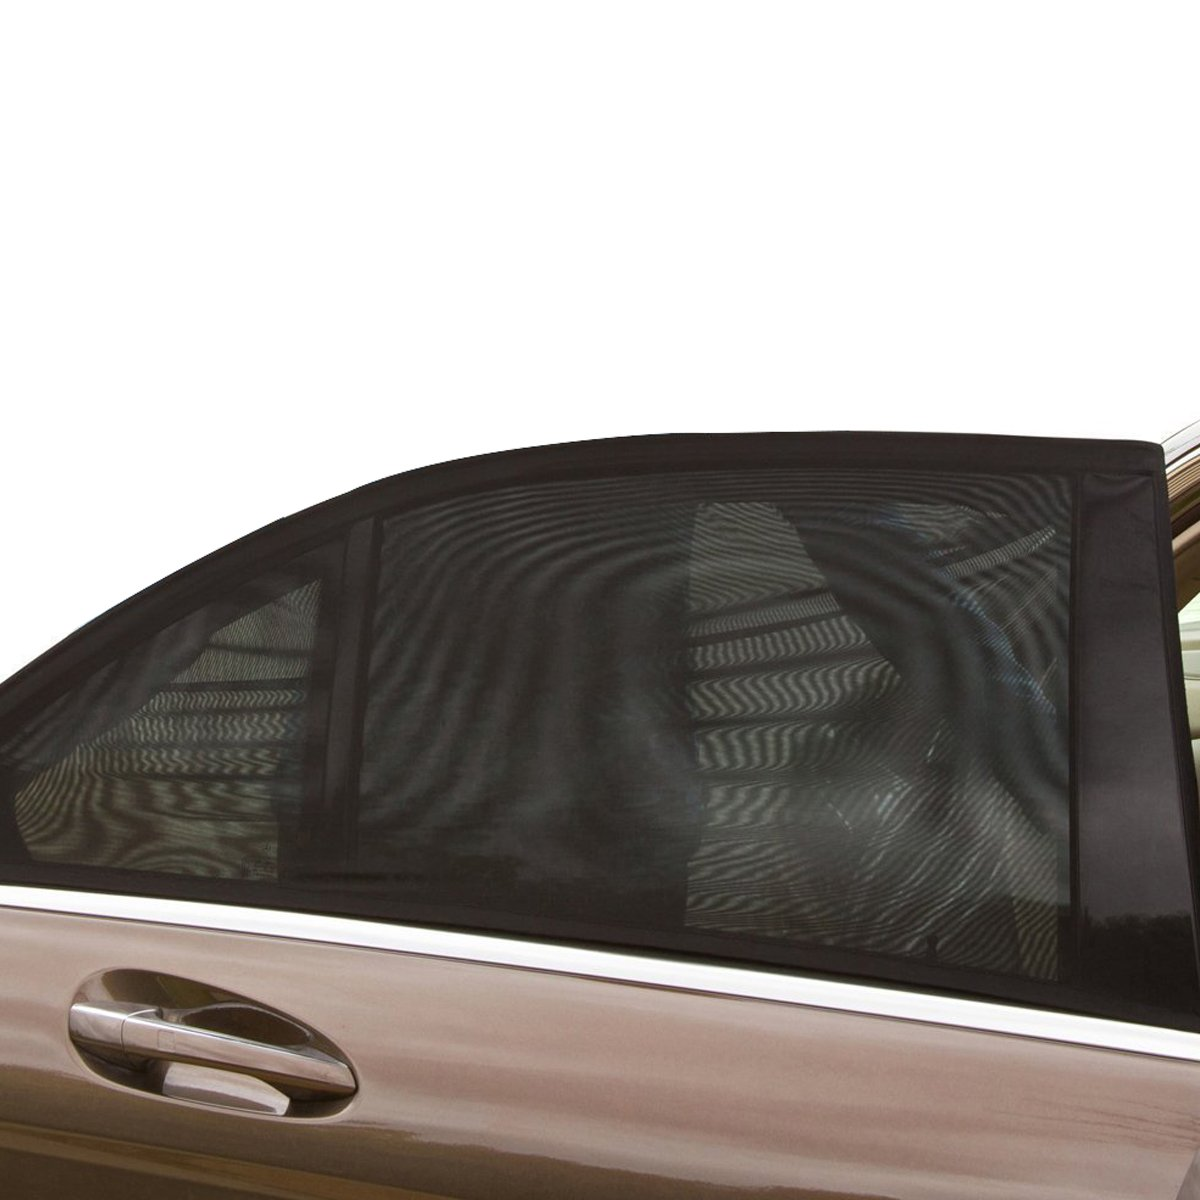 QUMAO (114x52cm) 2pz Parasole per Finestrini Laterali Auto Pieghevole Elastico 2 Strati Stoffa (Esterno e Interno), Resistente Raggi UV riflessione Luce Solare Compatibile Maggior Parte Veicoli QM-BY0004